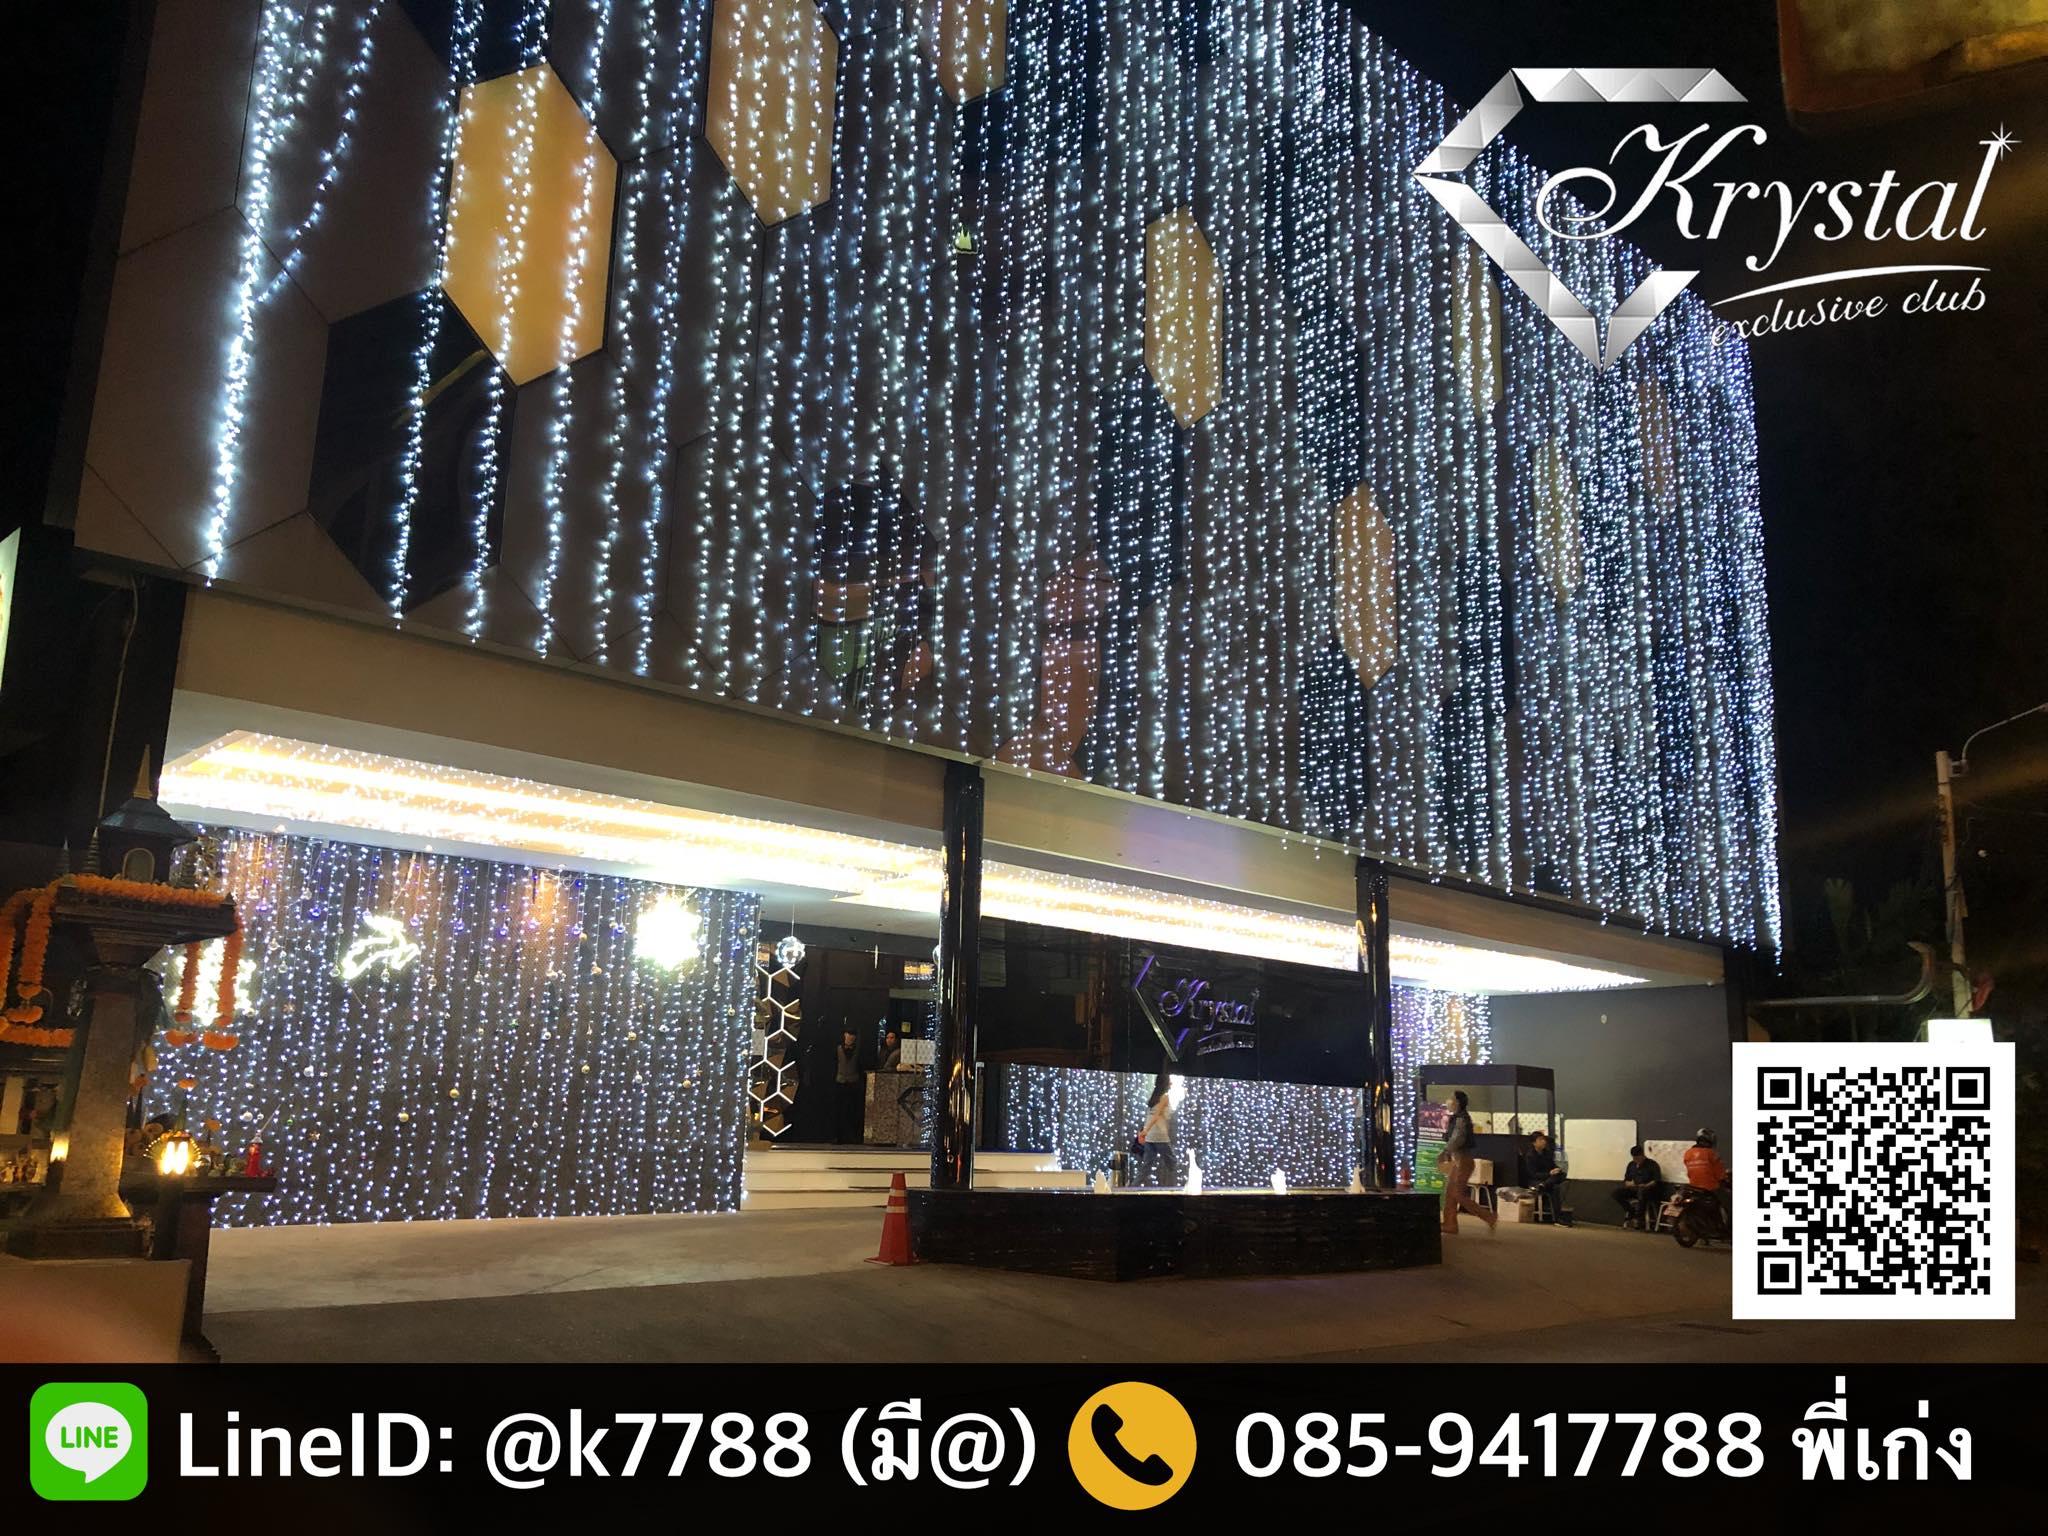 ร้านคริสตัล ทองหล่อ25 Krystal Exclusive Club - Pantip